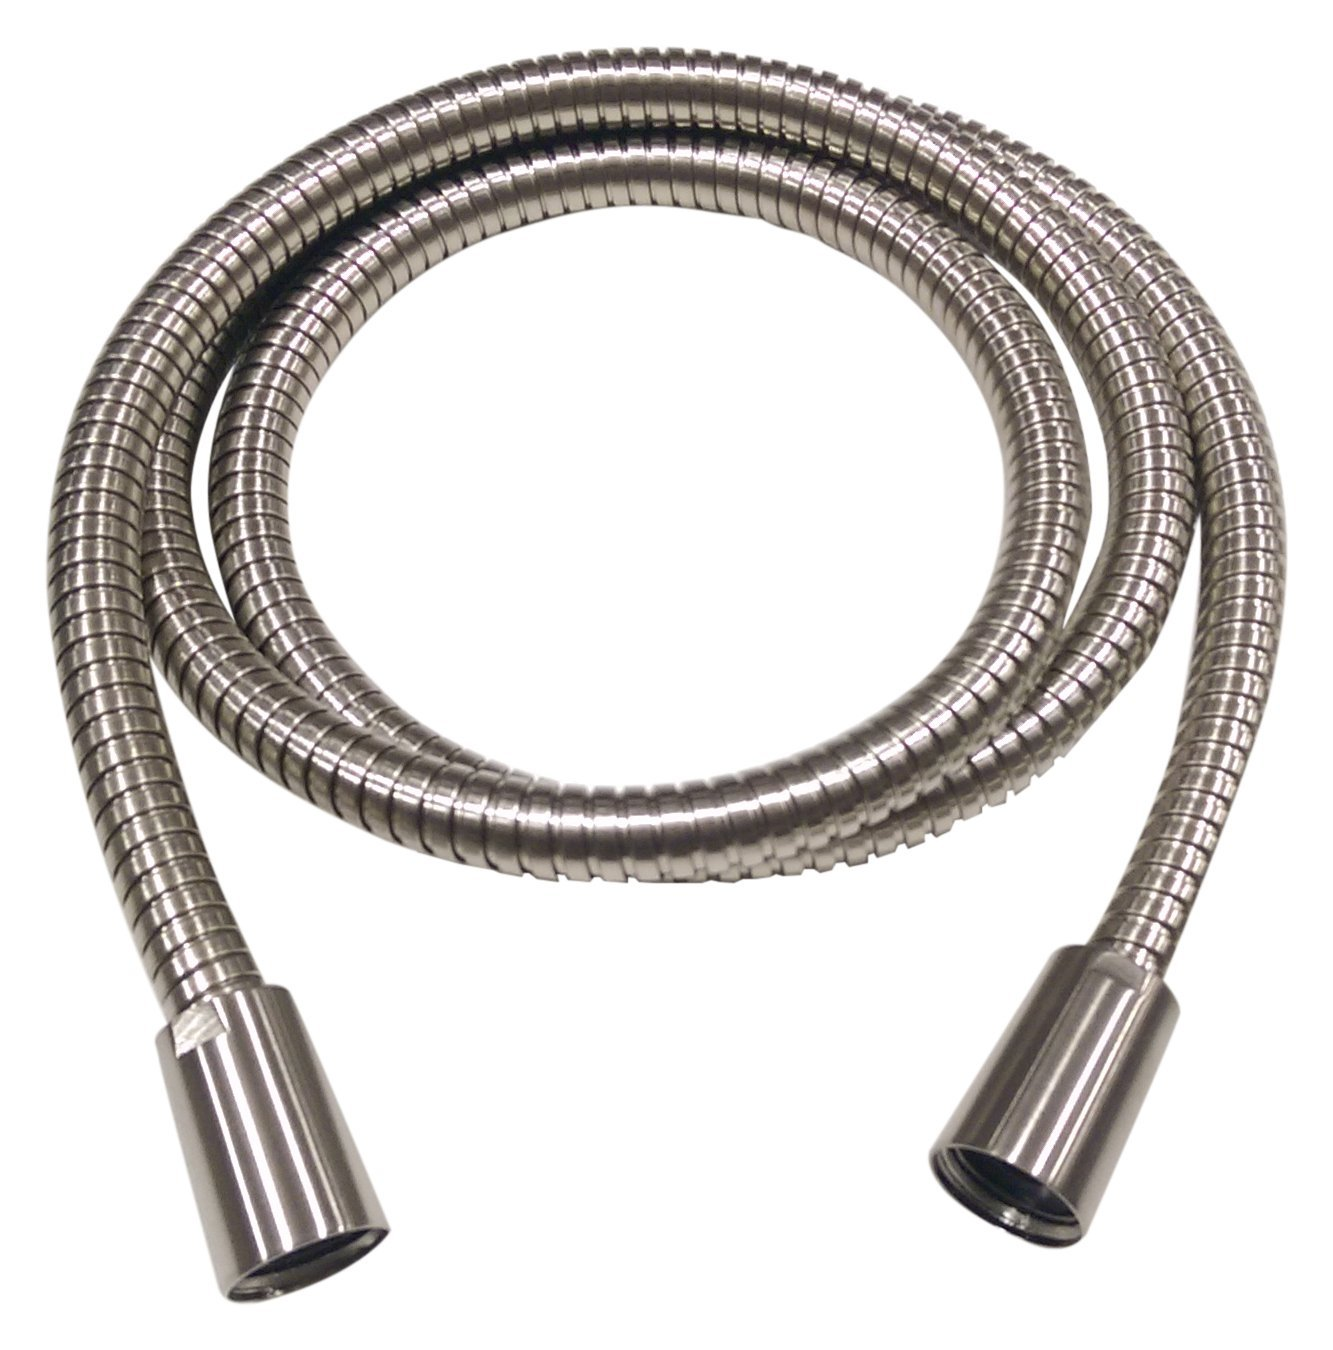 KOHLER K-9514-BN MasterShower 60-Inch Metal Shower Hose, Vibrant Brushed Nickel